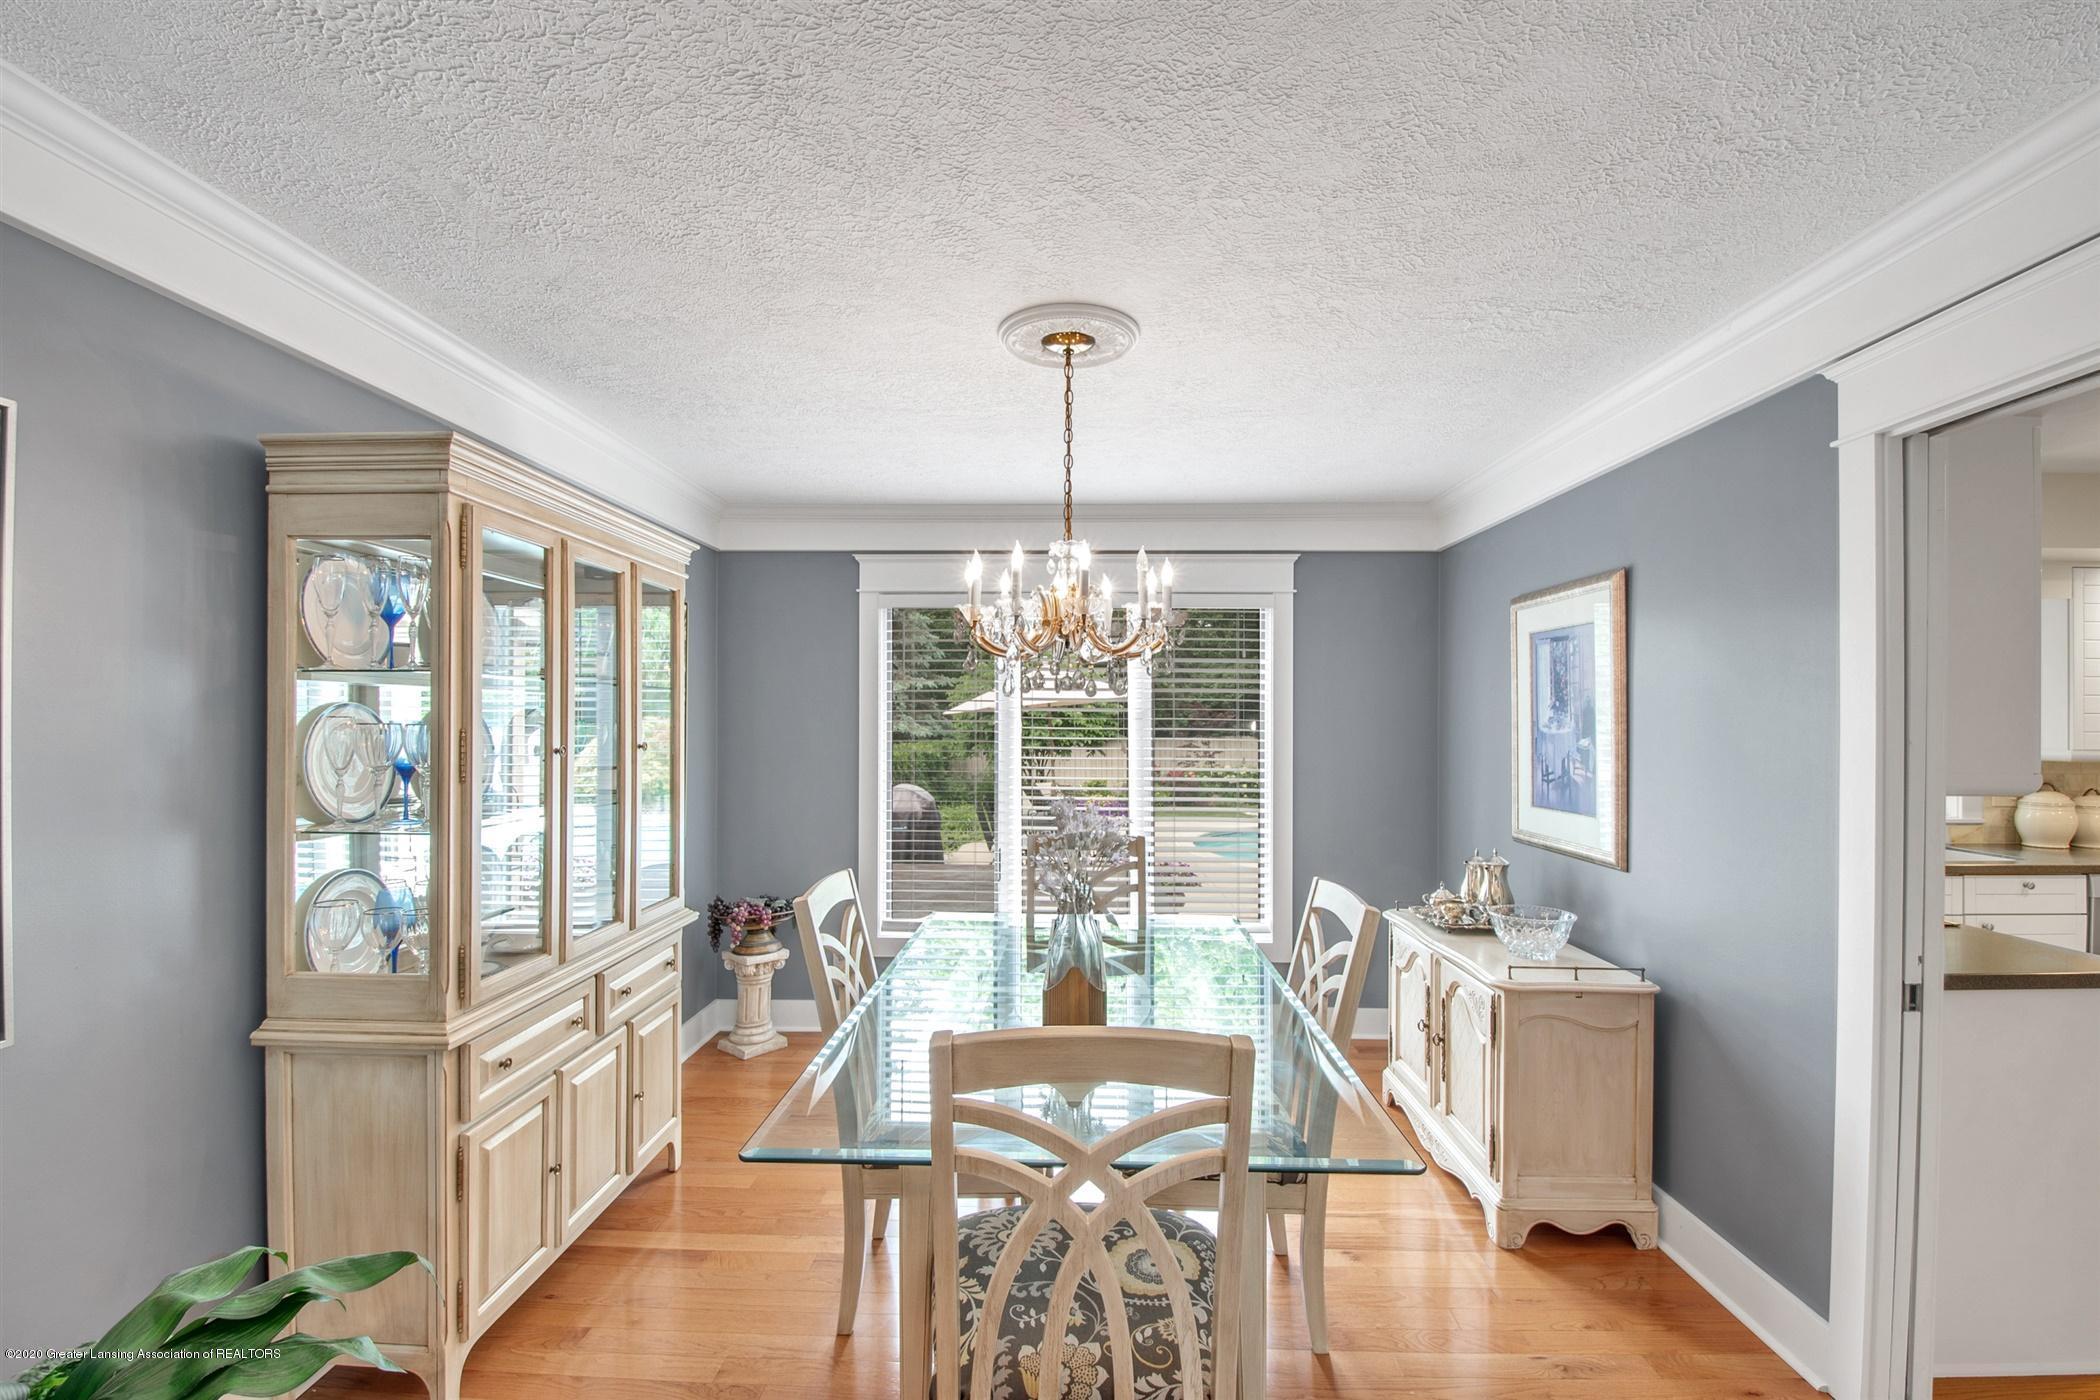 1765 Wyngarden Ln - 11-1765 Wyngarten Ln-WindowStill-Re - 11